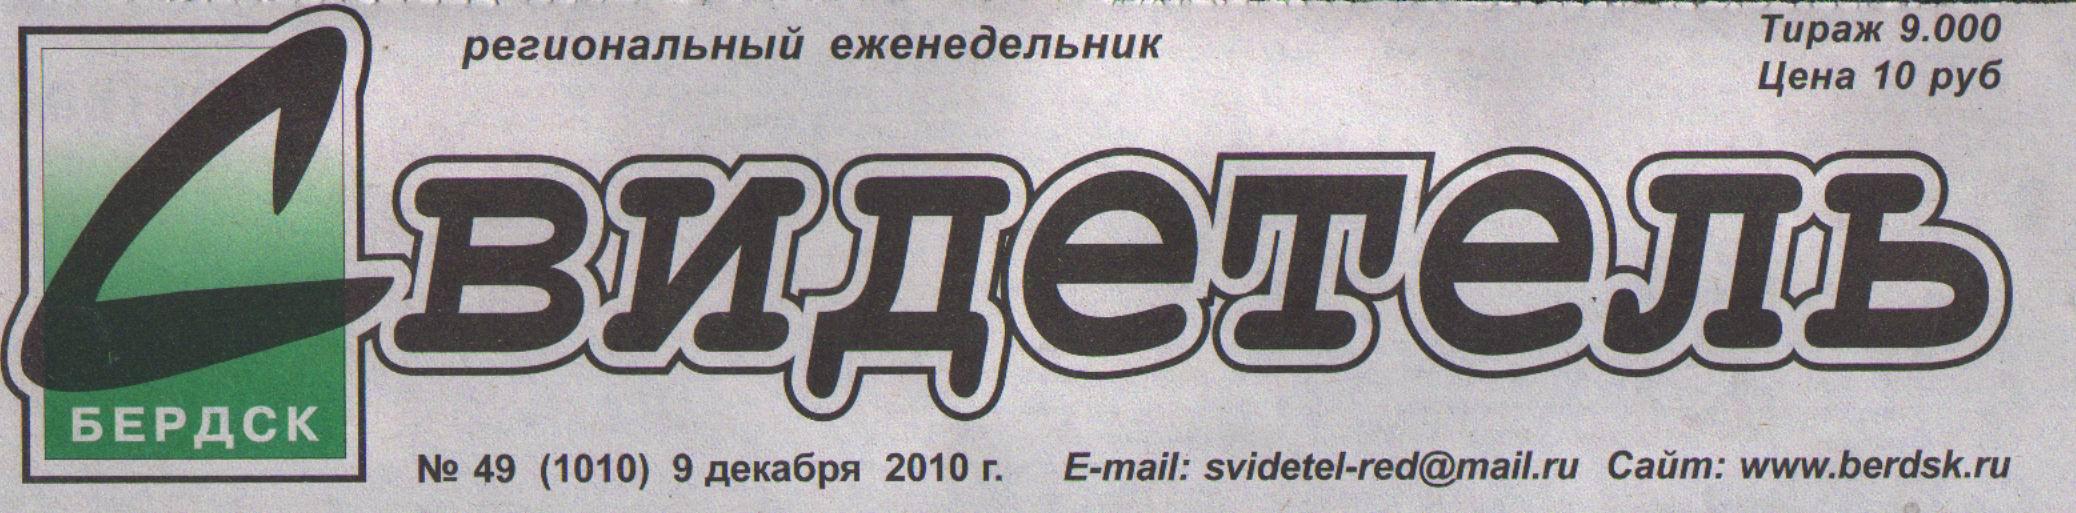 Подать объявление в газету свидетель в бердске моя реклама смоленск объявления услуги